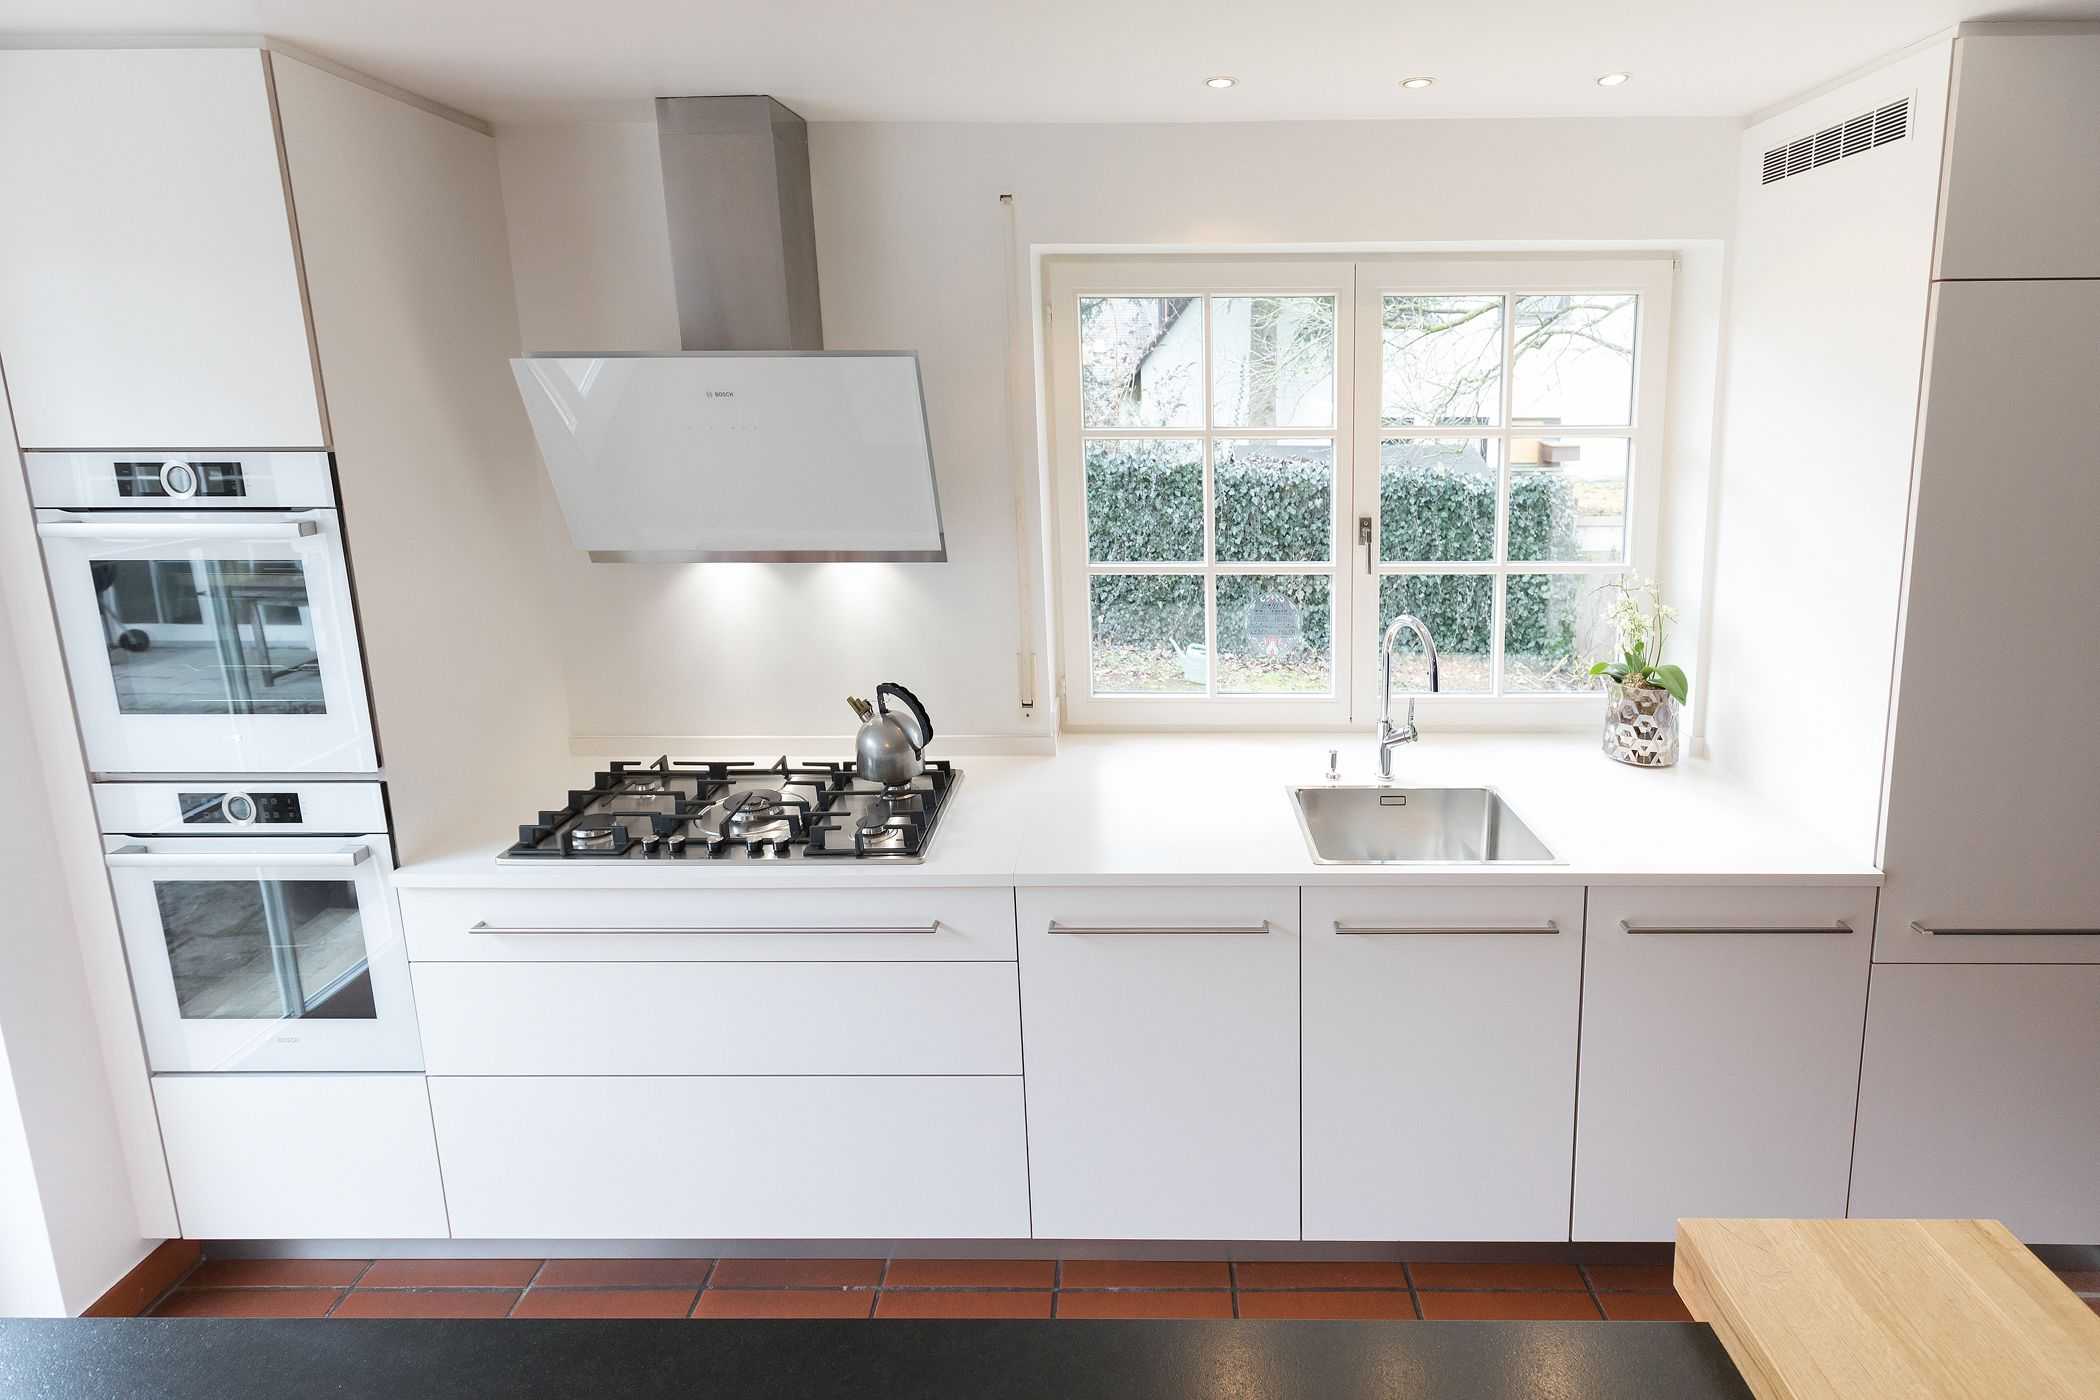 Küche | Küchenplanung | Küche planen | Inspiration | weiß | schlicht ...